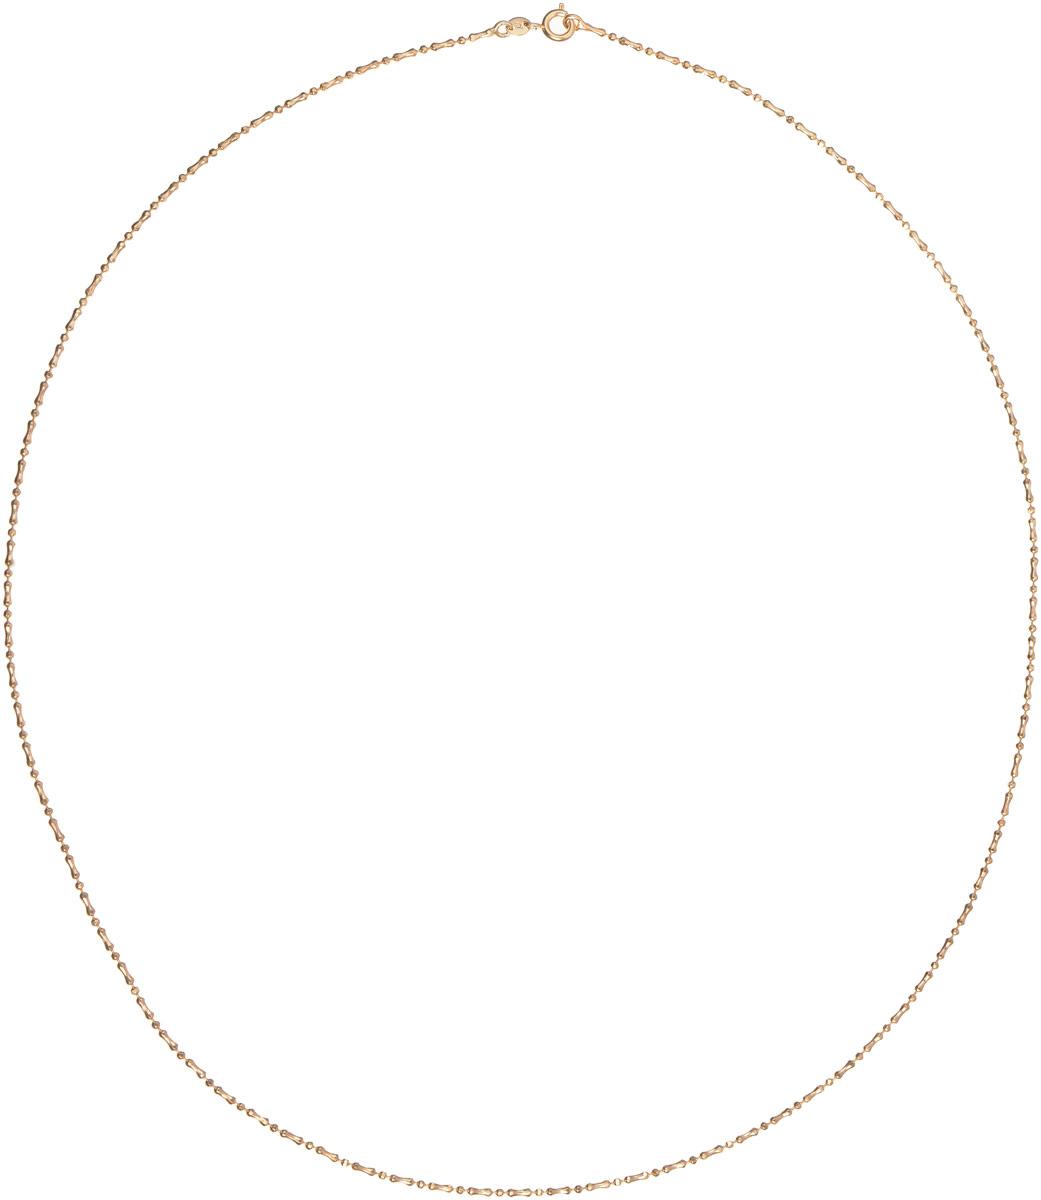 Цепочка Taya, цвет: золотистый. T-B-11710T-B-11710-NECK-GOLDЭлегантная цепочка от Taya изготовлена из качественного бижутерного сплава. Изделие застегивается на шпрингельный замок. Такая изящная цепочка идеально дополнит ваш образ и подчеркнет ваш изысканный вкус.